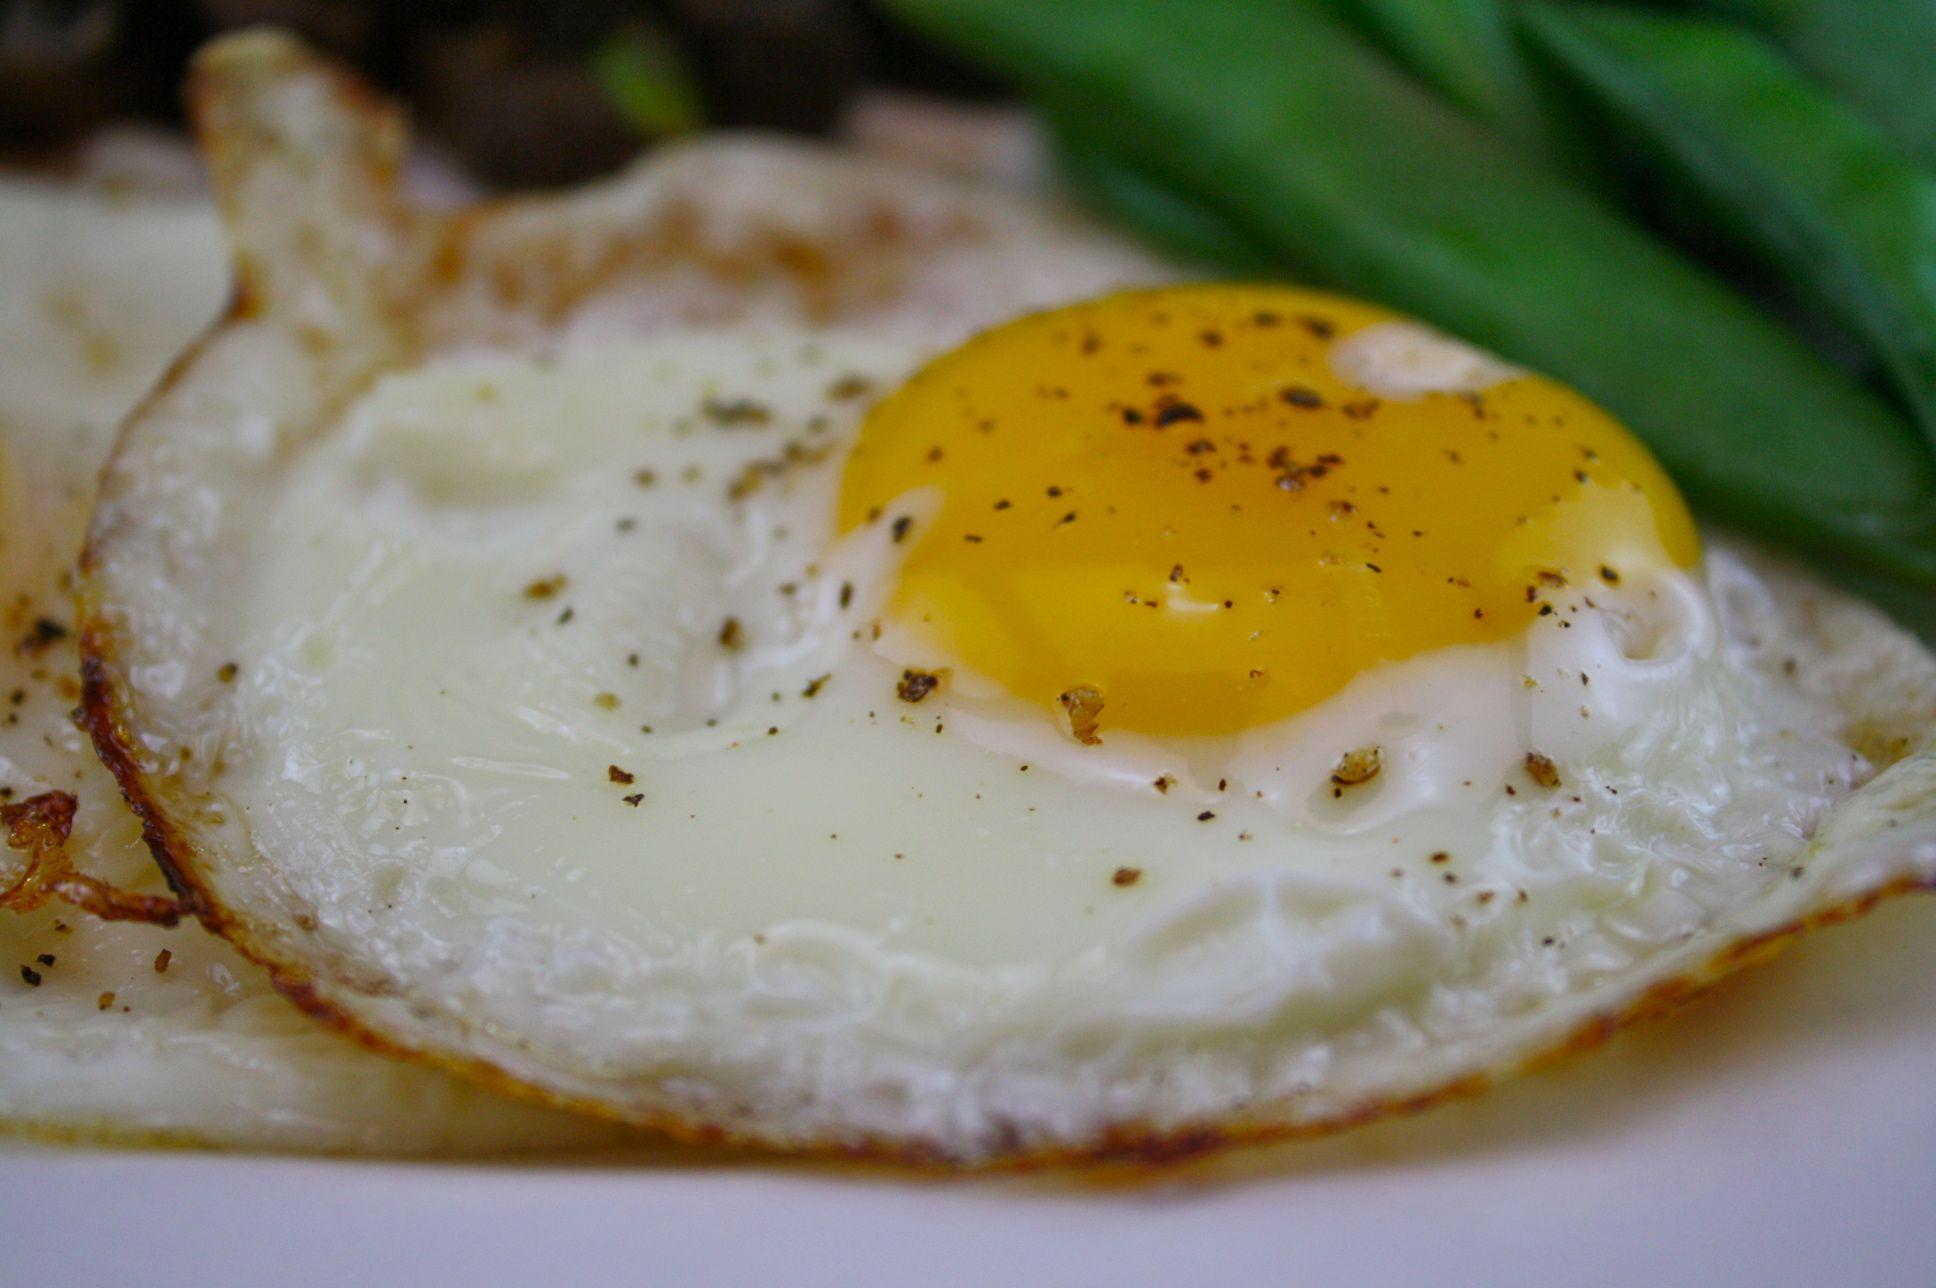 Fazer um ovo frito perfeito não tem segredo nenhum, mas algumas dicas podem fazer toda a diferença. Descubra aqui no post!